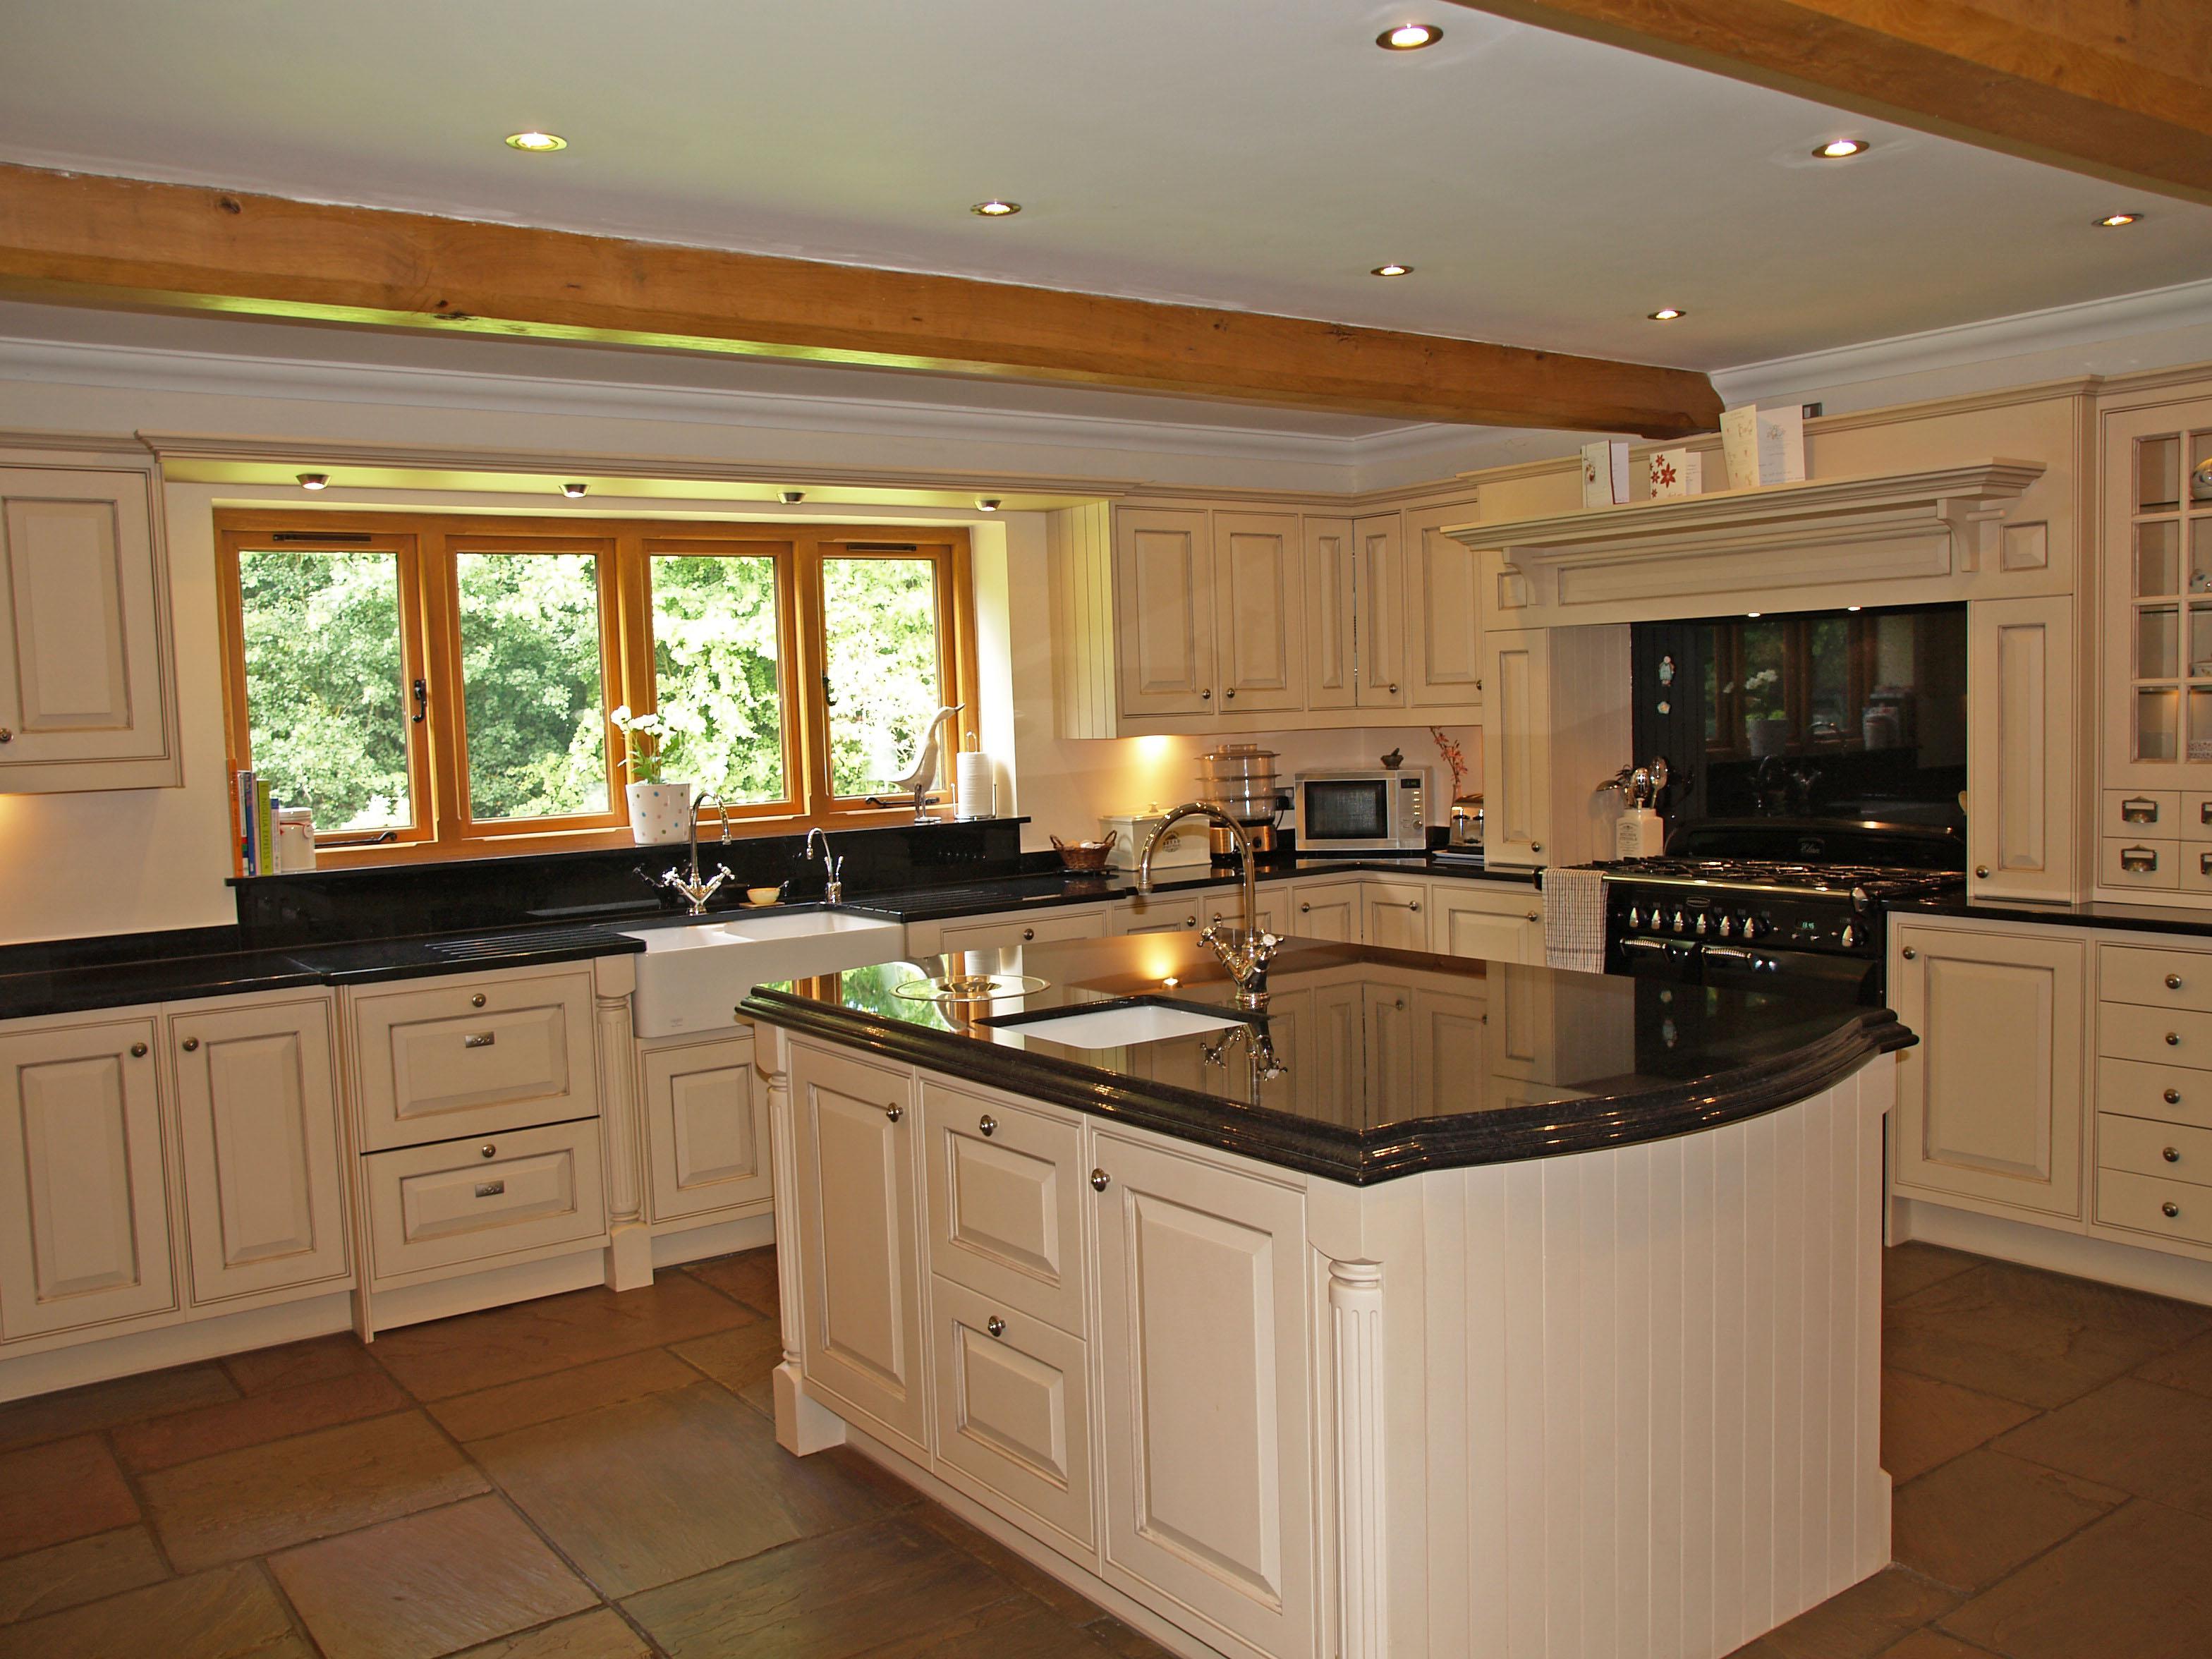 Hollybush kitchen